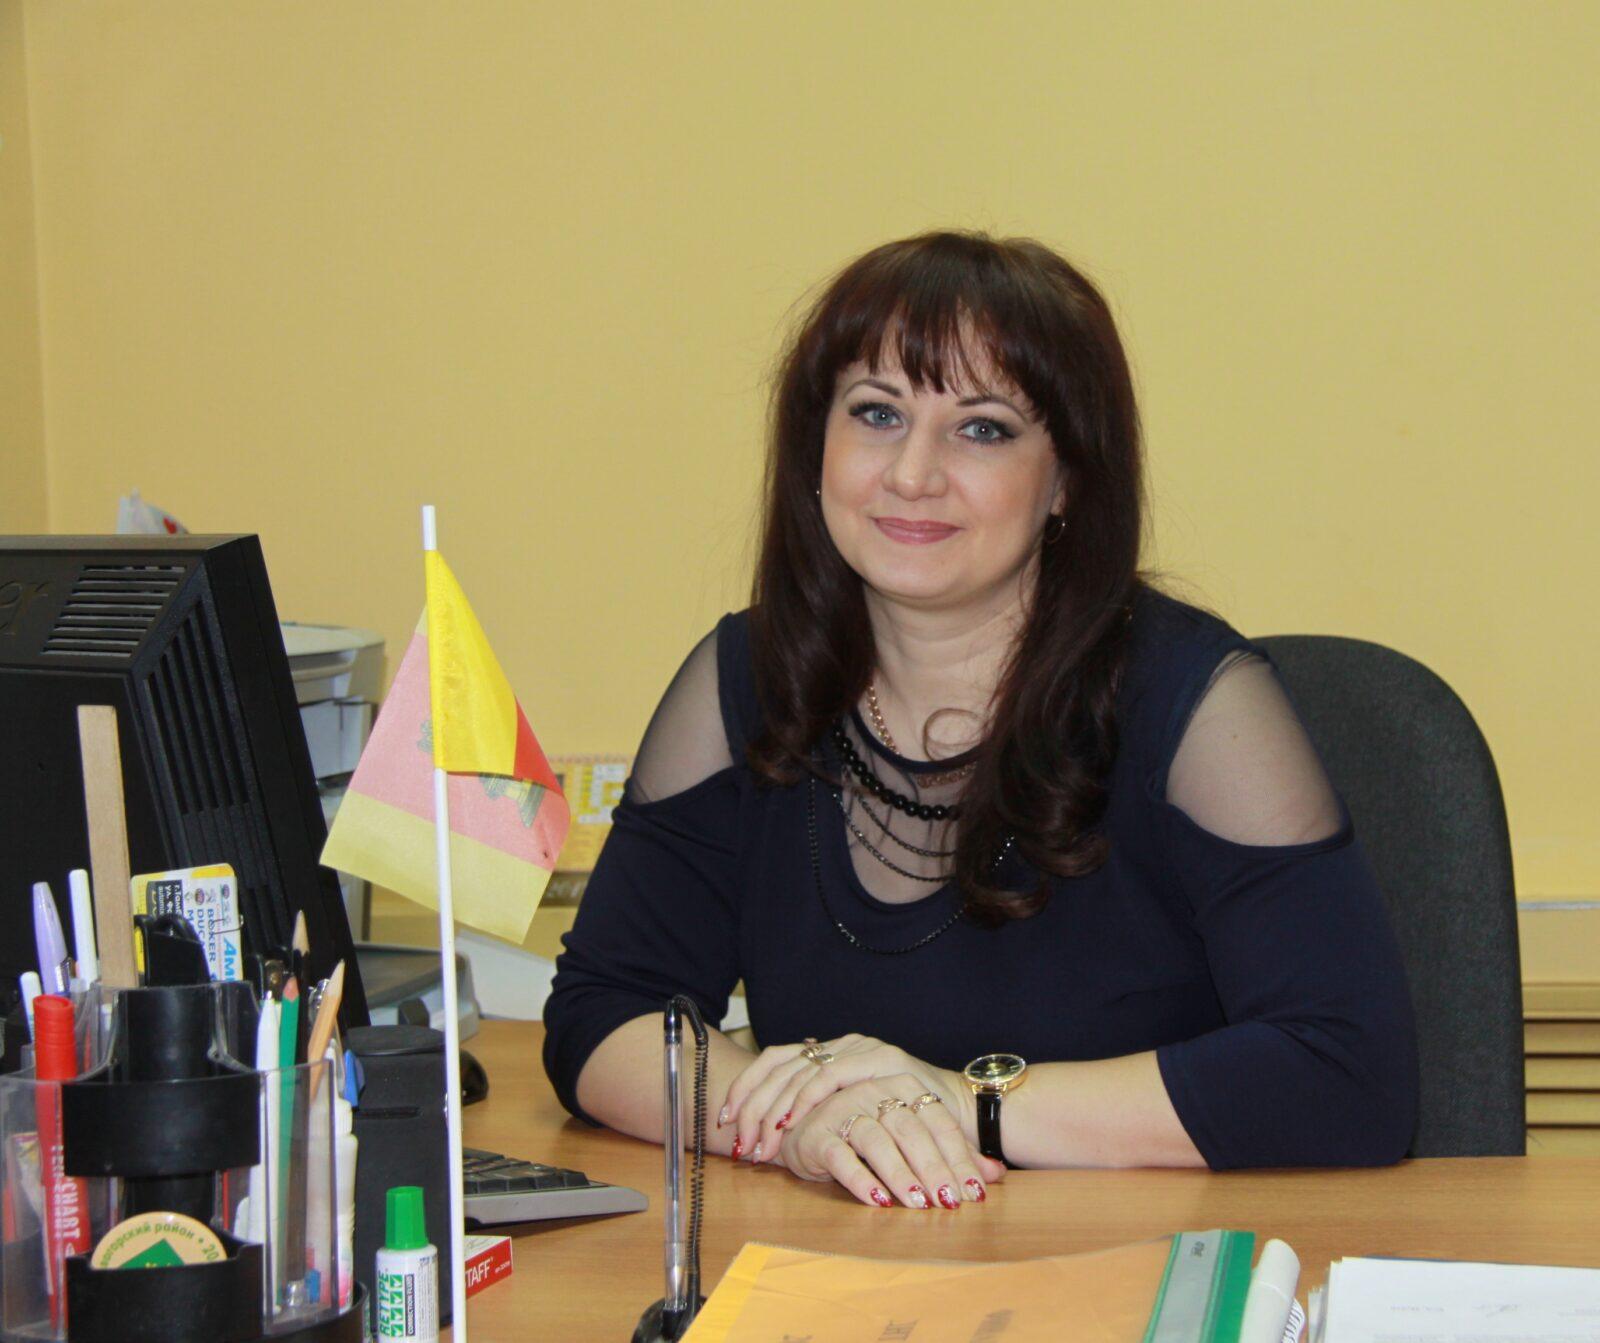 Светлана Шихрагимова: Вовремя разглядеть талант – дорогого стоит